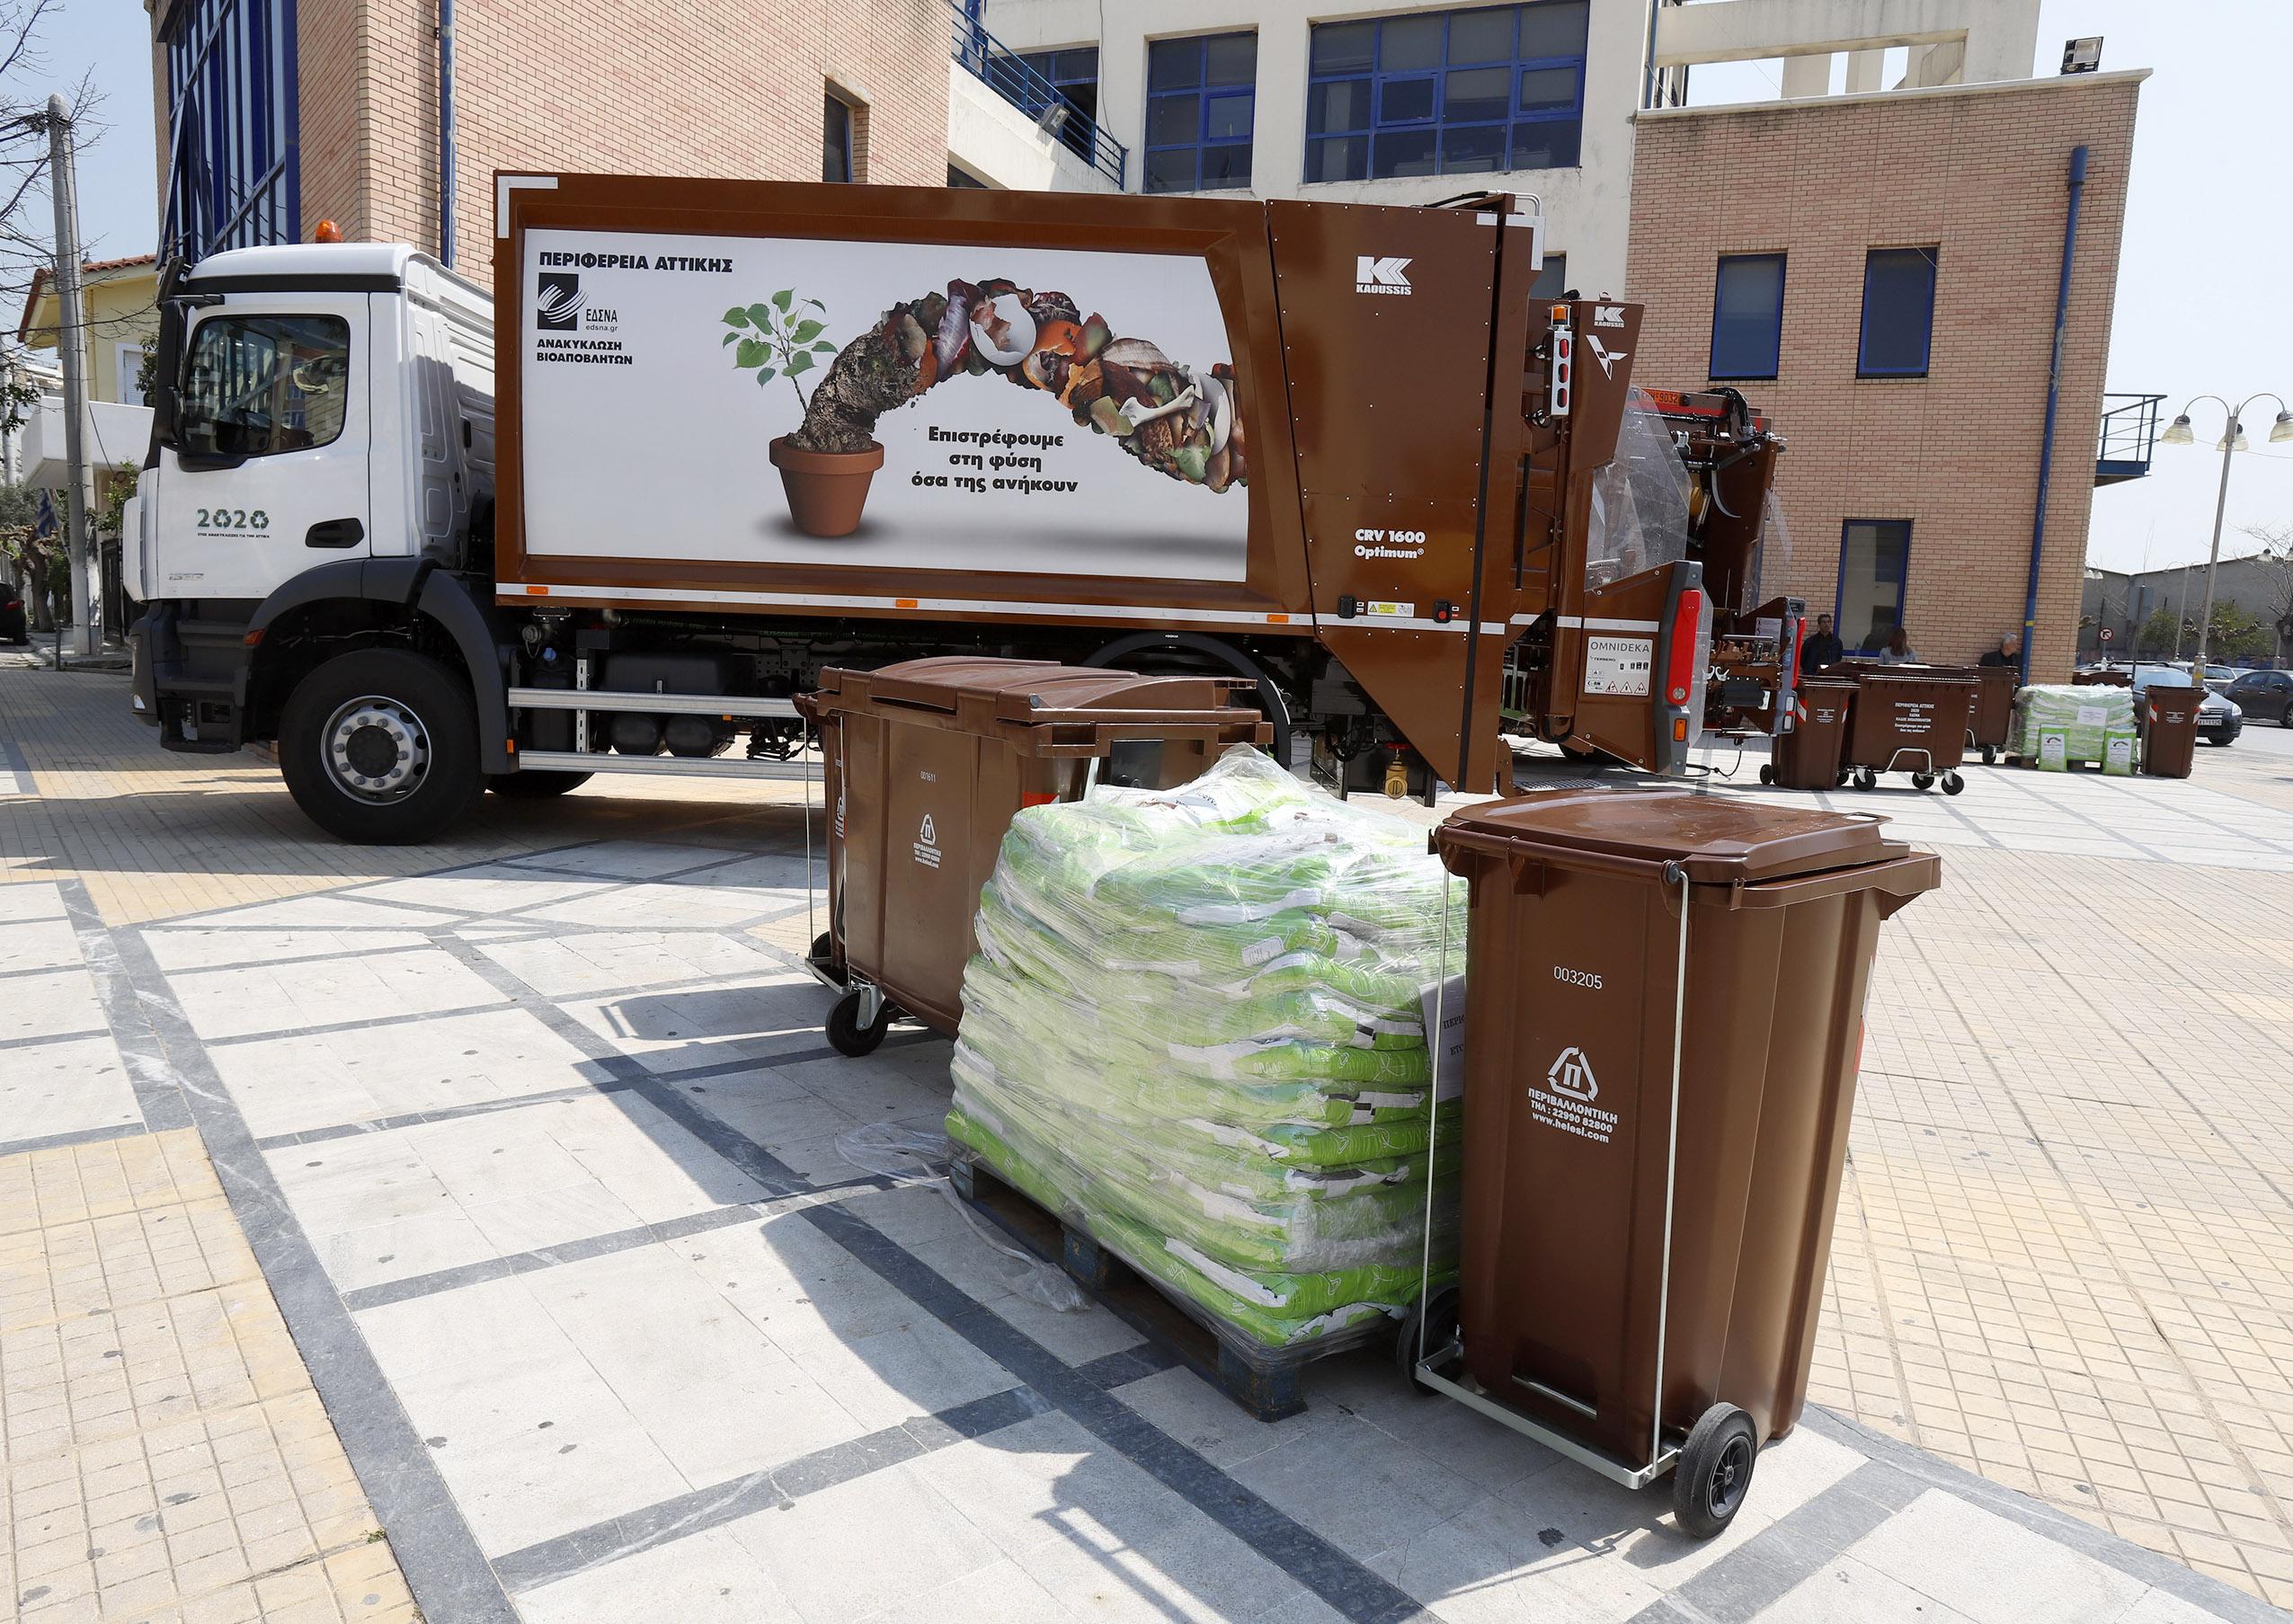 Κ. Χατζηδάκης:  Δίκτυο καφέ κάδων και 17 νέες μονάδες επεξεργασίας απορριμμάτων για να βελτιώσουμε αισθητά την ανακύκλωση